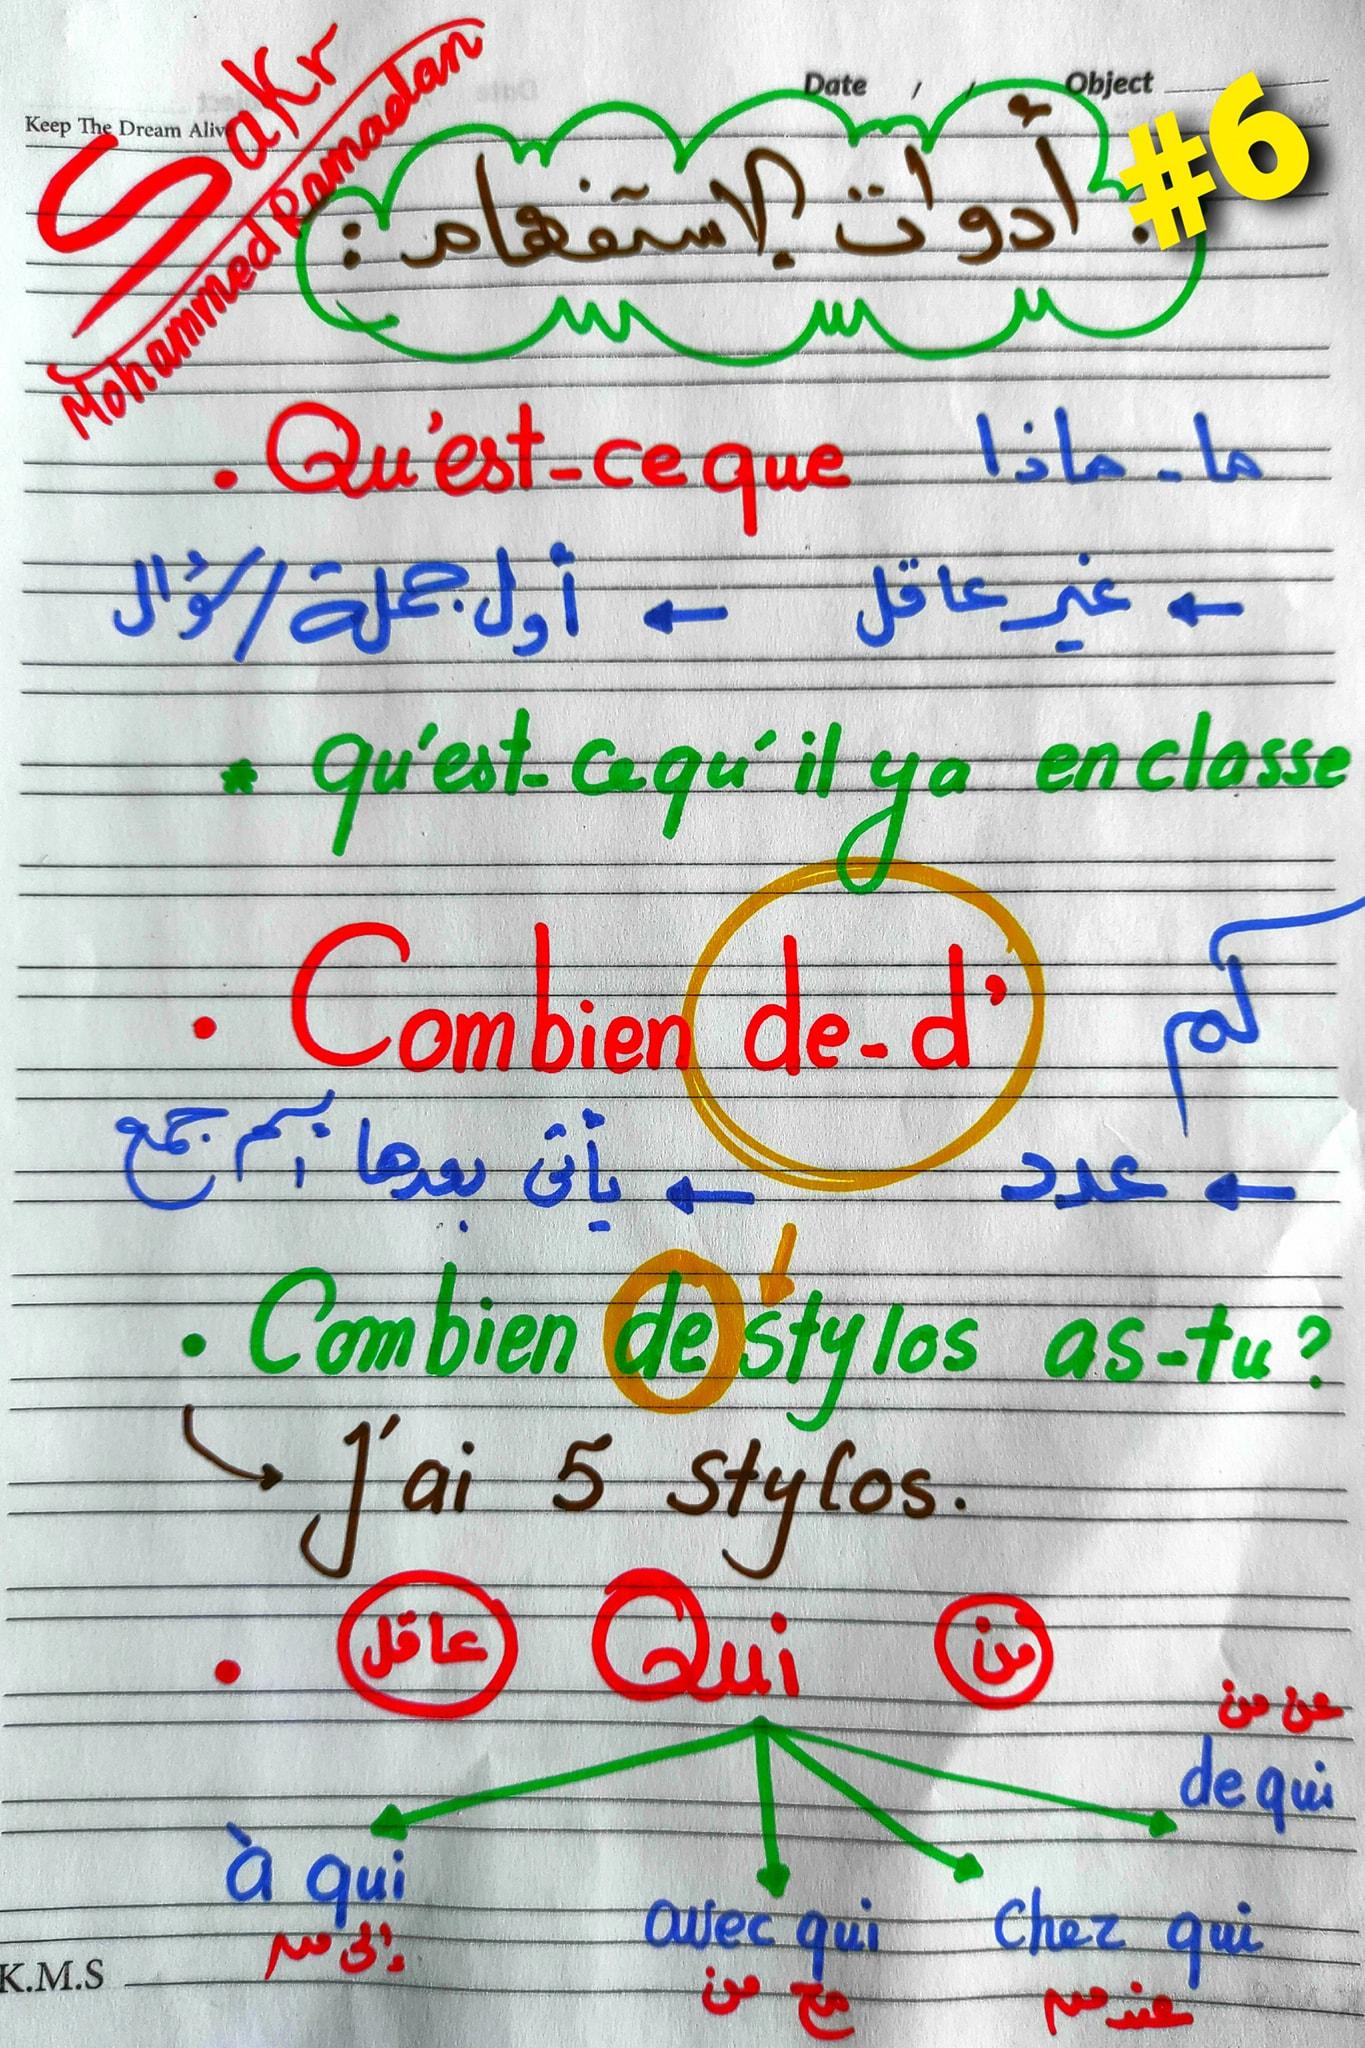 مراجعة شاملة لغة فرنسية للصف الاول الثانوي ترم ثاني.. أهم الكلمات والقواعد و 200 سؤال مجاب  5